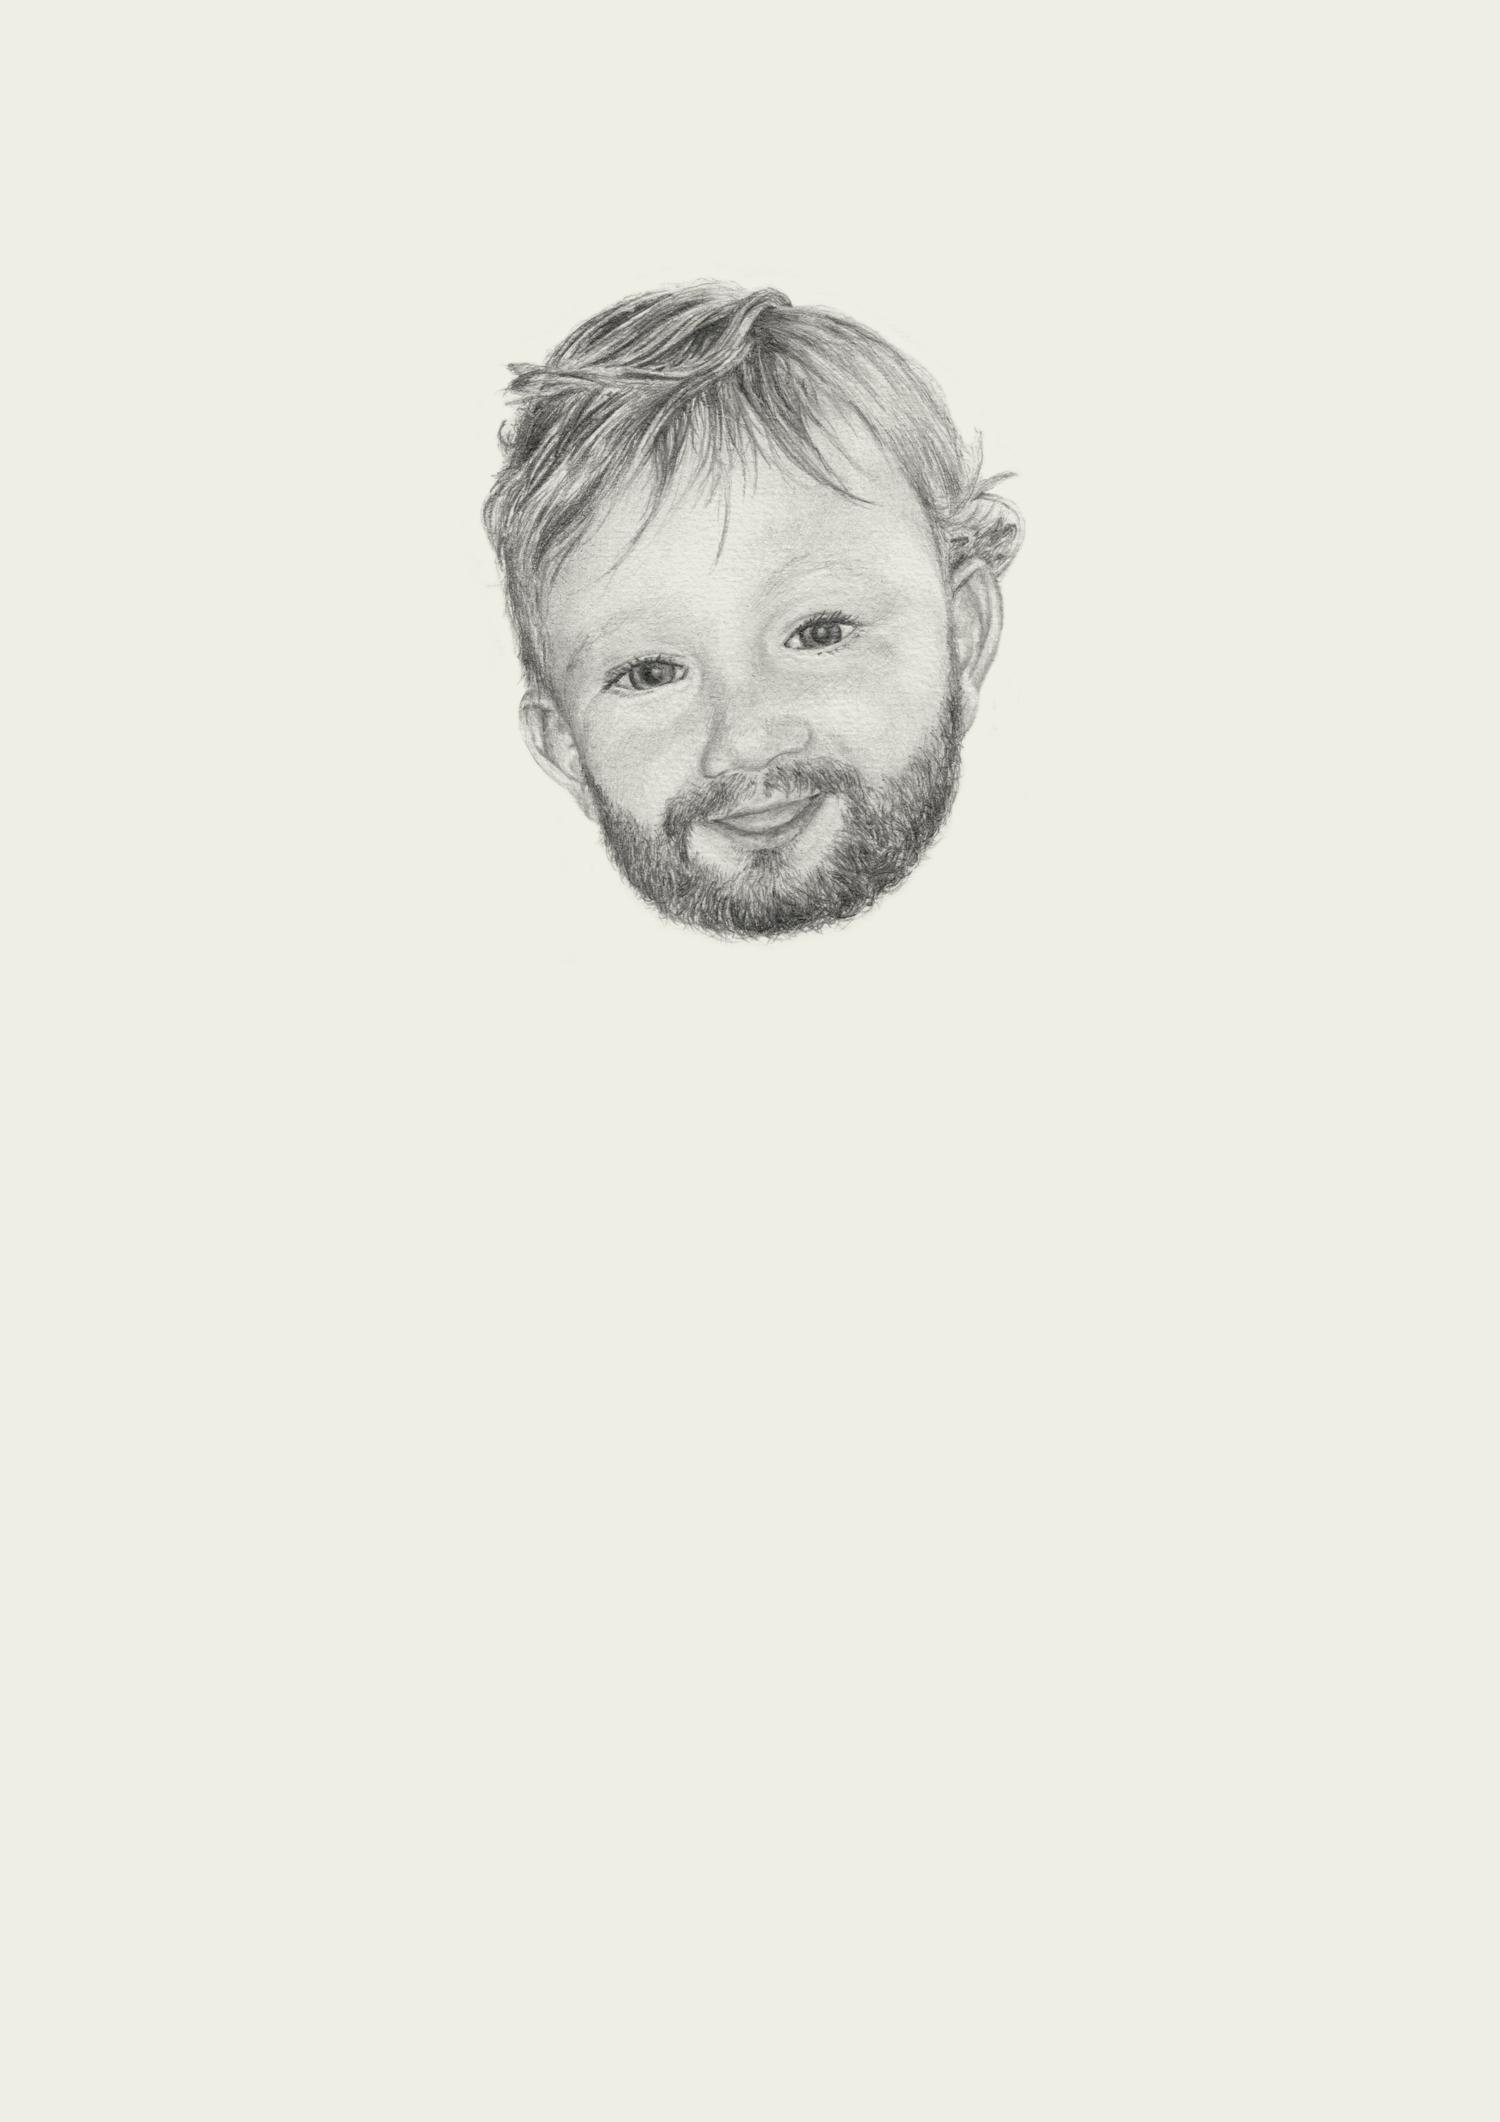 beard_head.JPG